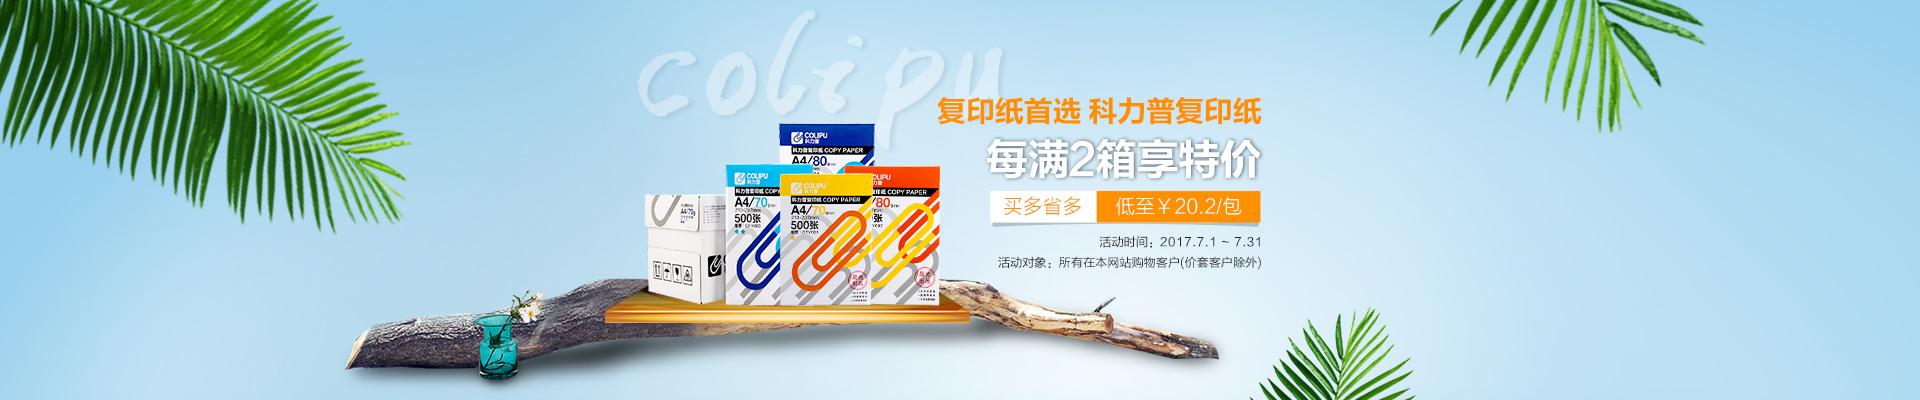 复印纸优选 科力普复印纸 买多省多 每满2箱享特价 低至¥20.2/包